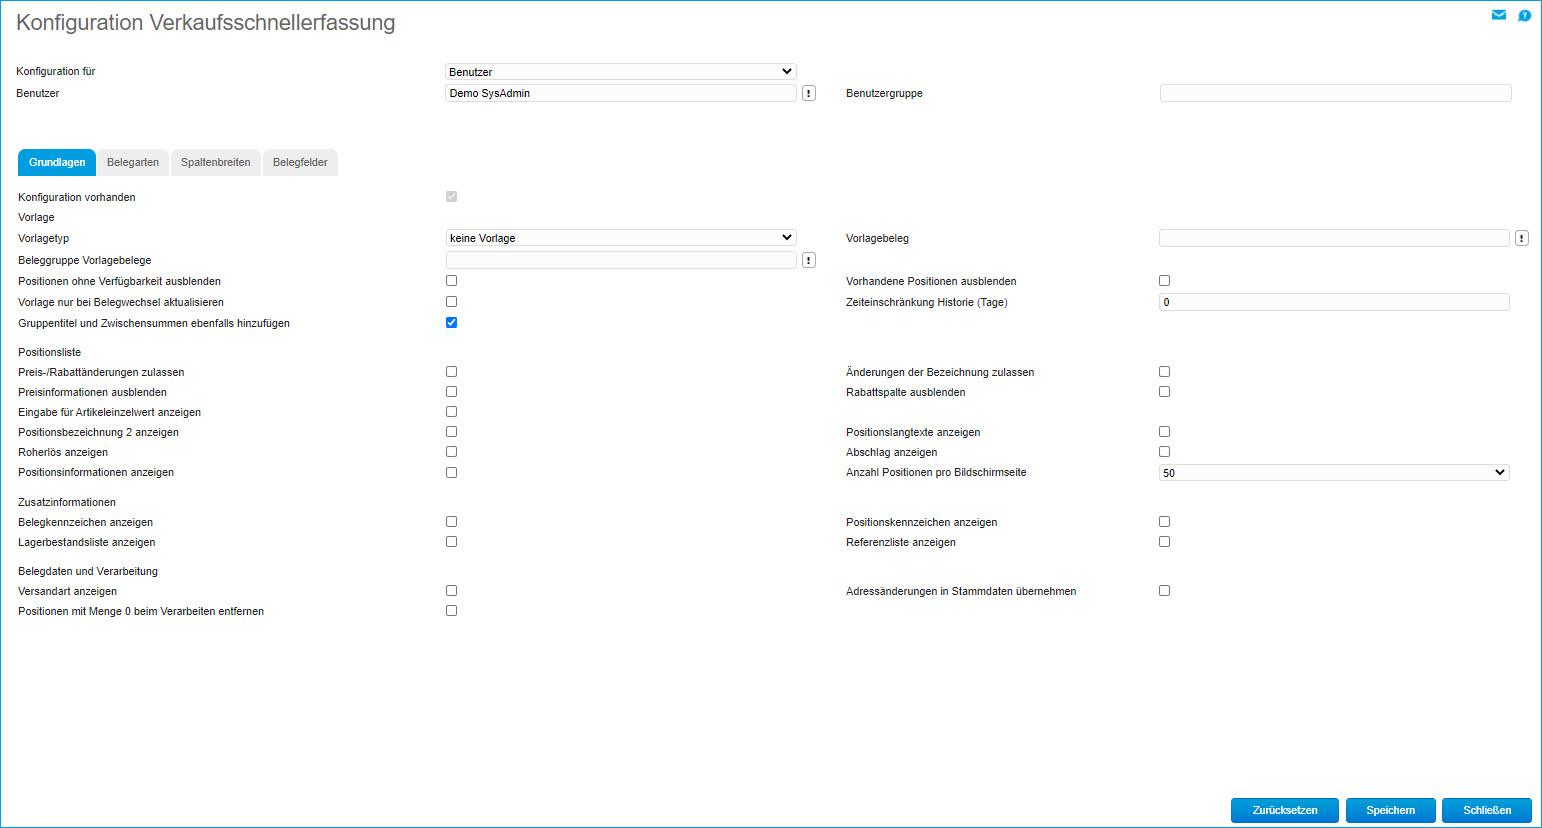 Konfiguration Verkaufsschnellerfassung 0